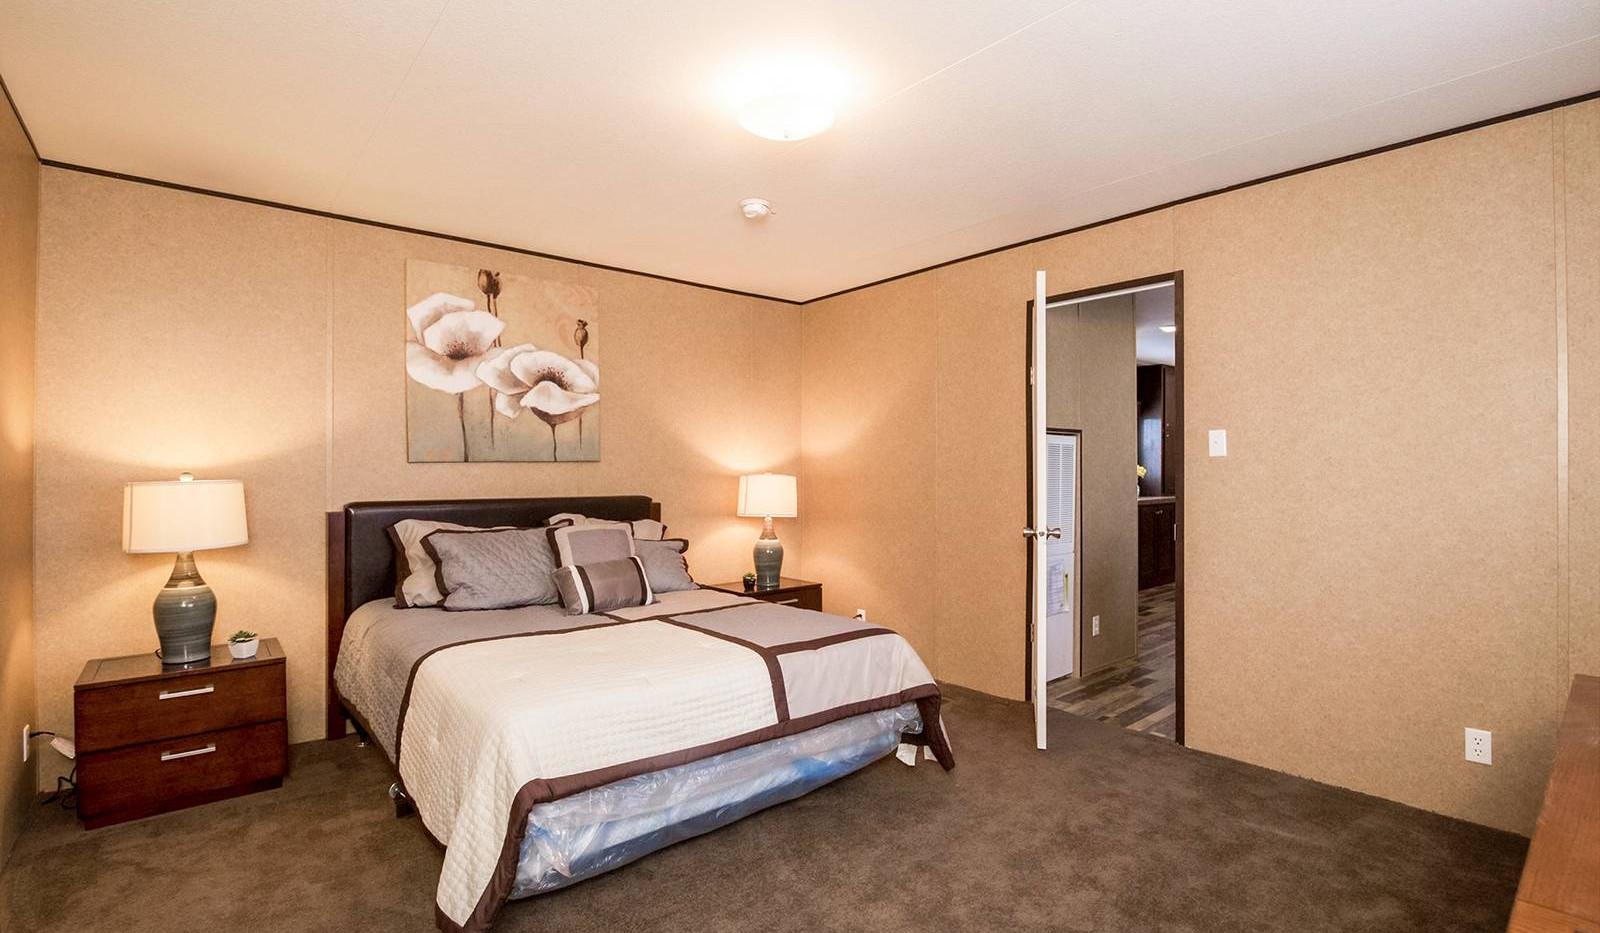 8-cs-1676d-master-bedroom-1600x1067.jpg